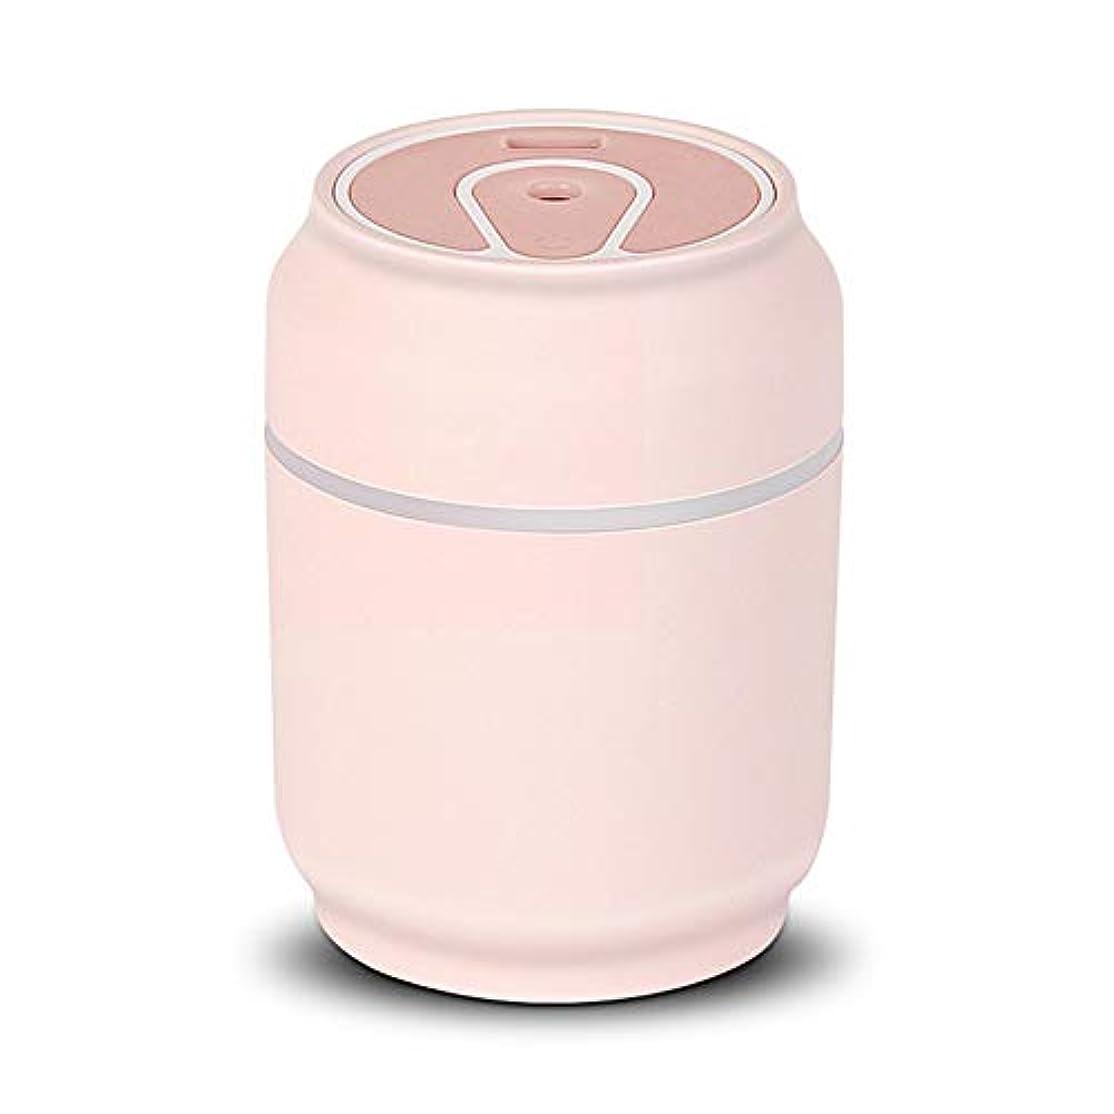 ゲートウェイグレートオーク私達ZXF 新しいクリエイティブ缶シェイプUSB充電加湿器ミュート漫画ミニASB素材ナイトライトファン3つ1つの水分補給器具蒸し顔黒緑ピンク黄色 滑らかである (色 : Pink)